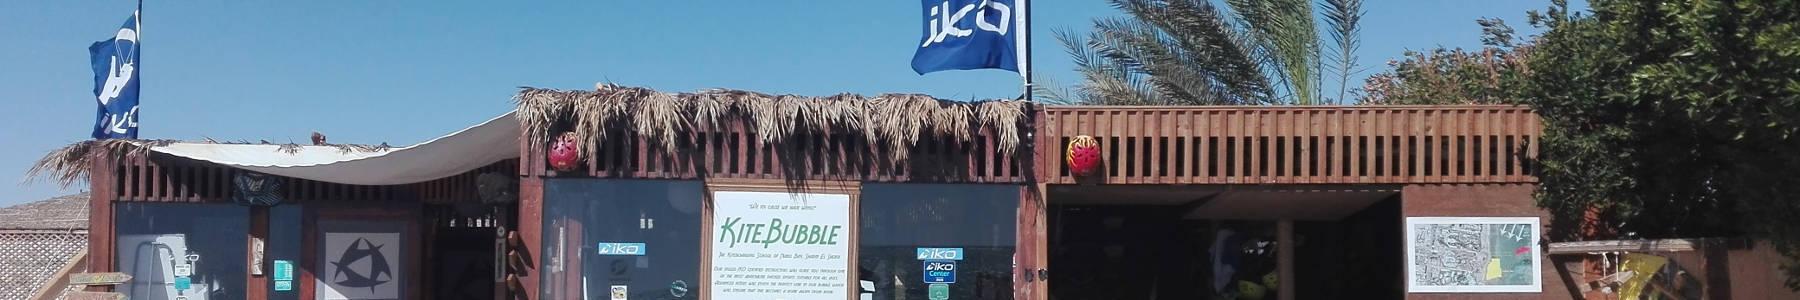 kitebubble